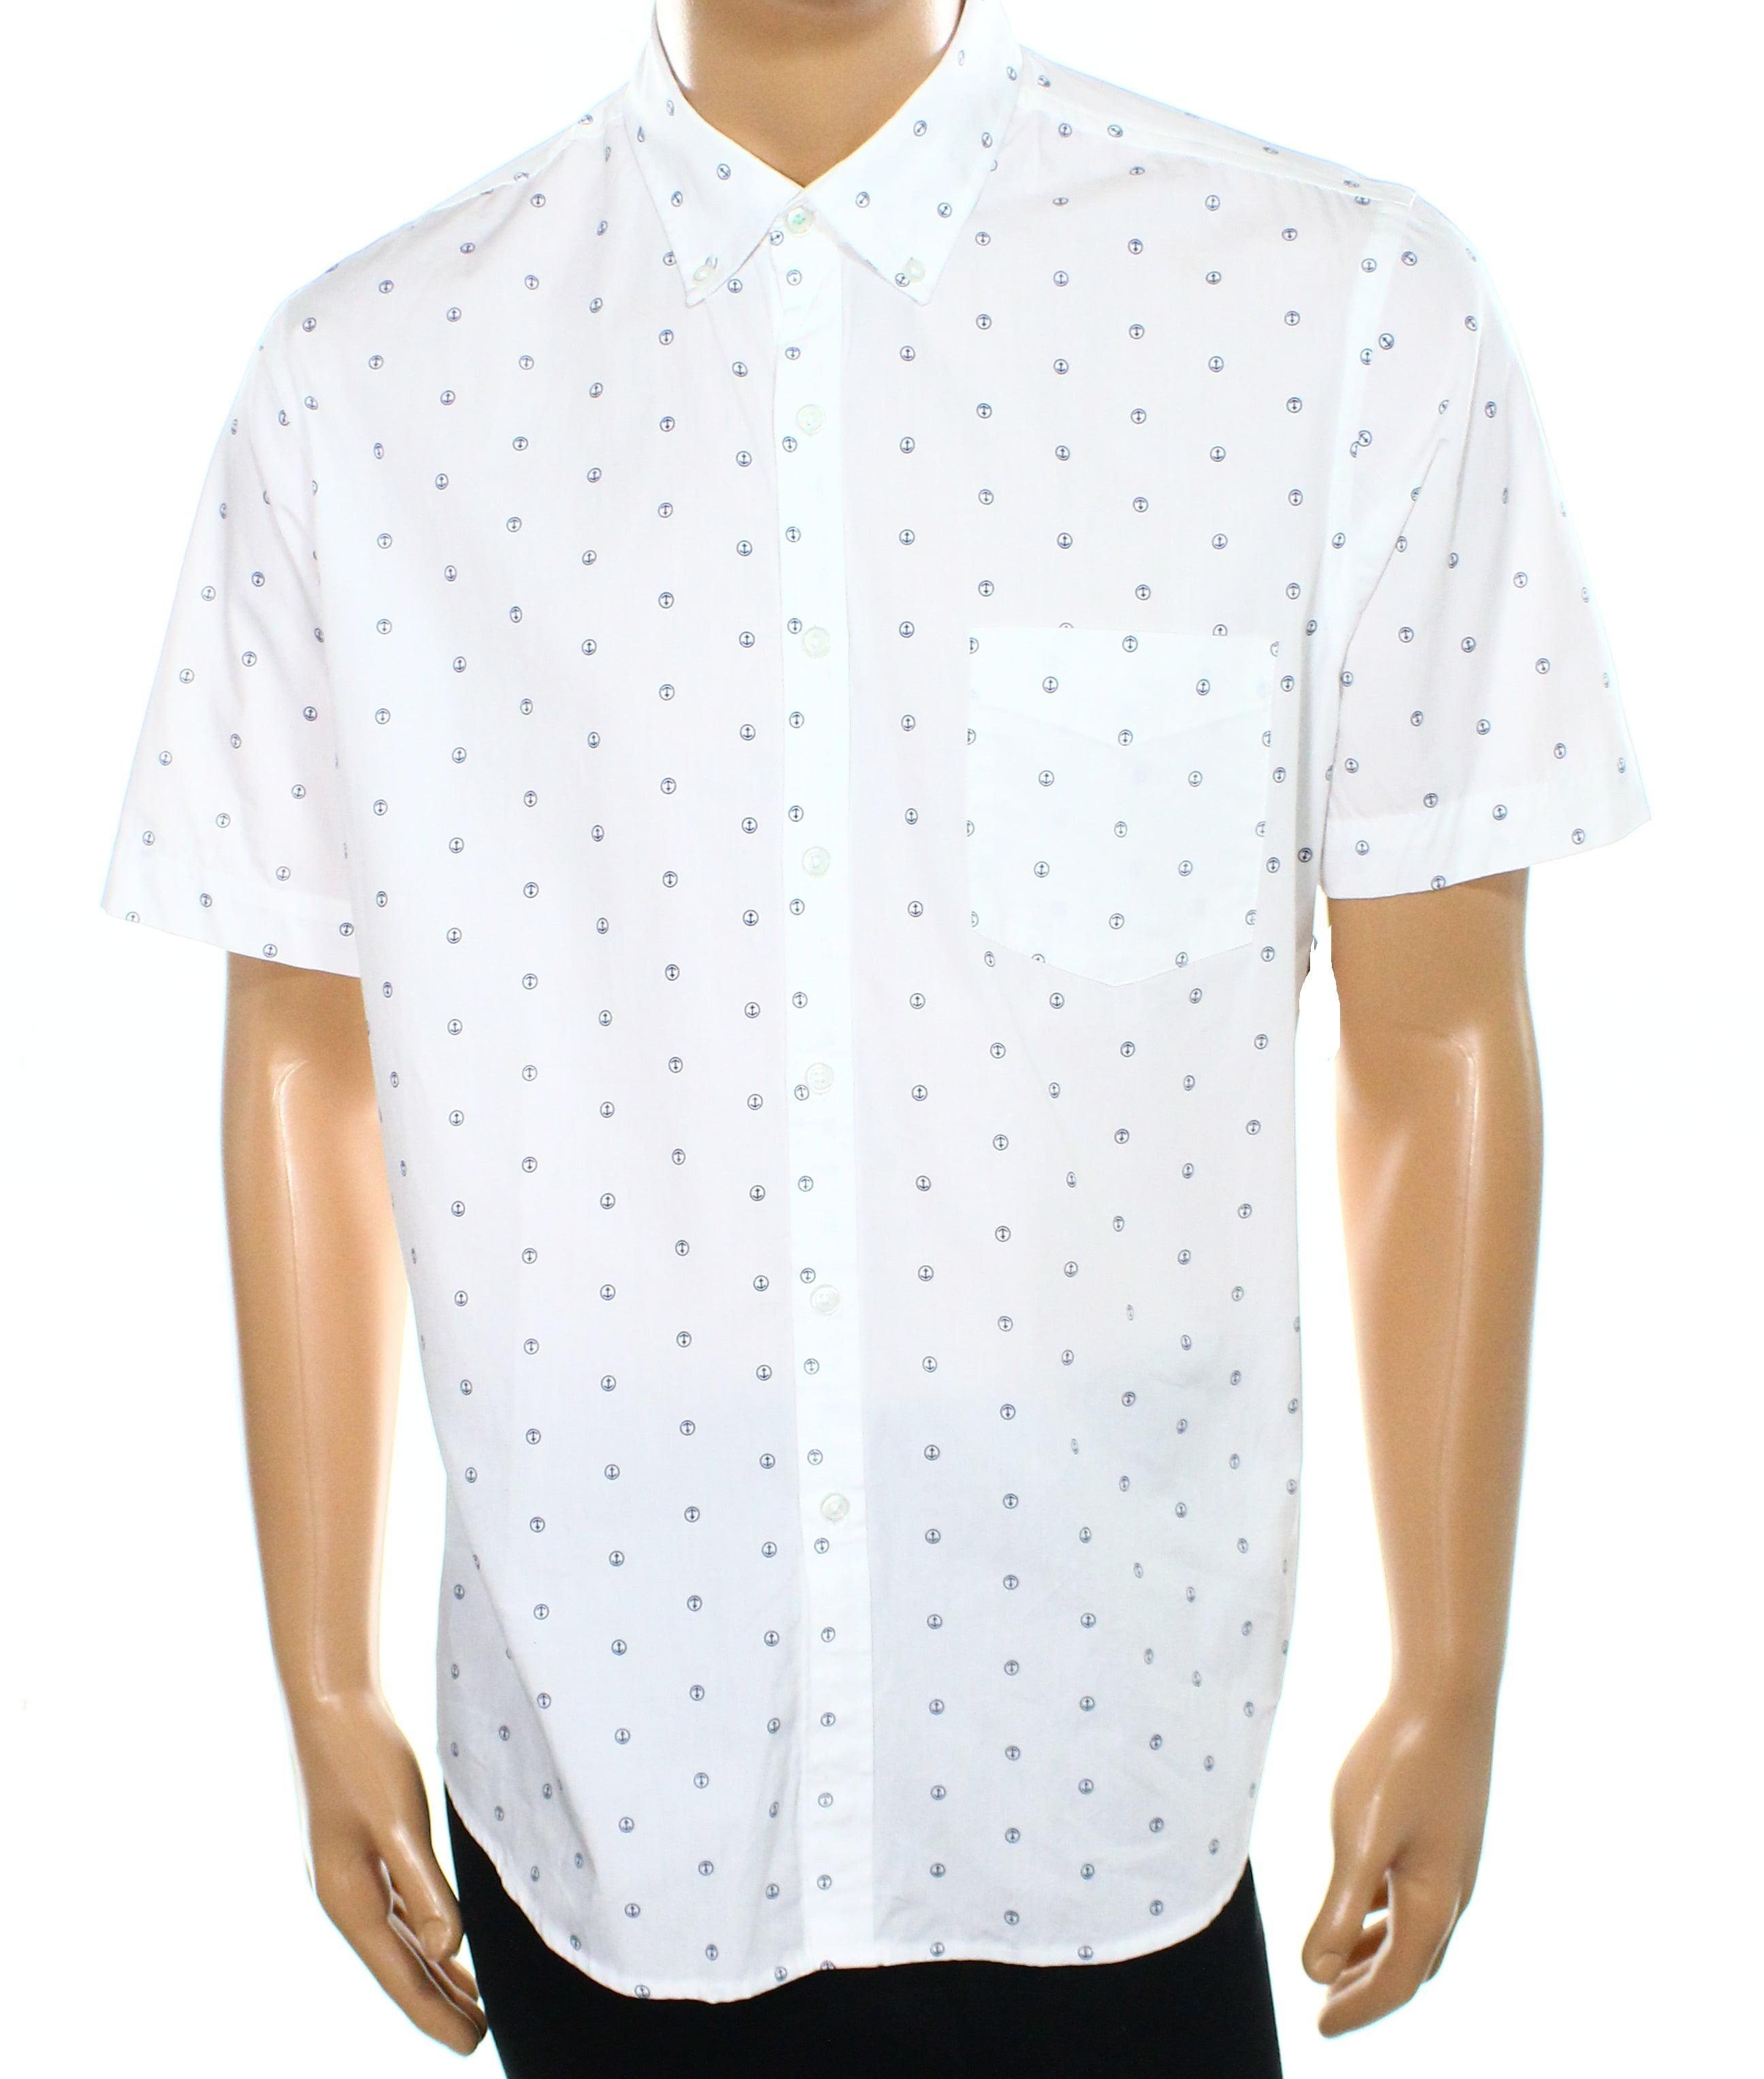 7f694c99e Anchor Print Button Down Shirt - DREAMWORKS